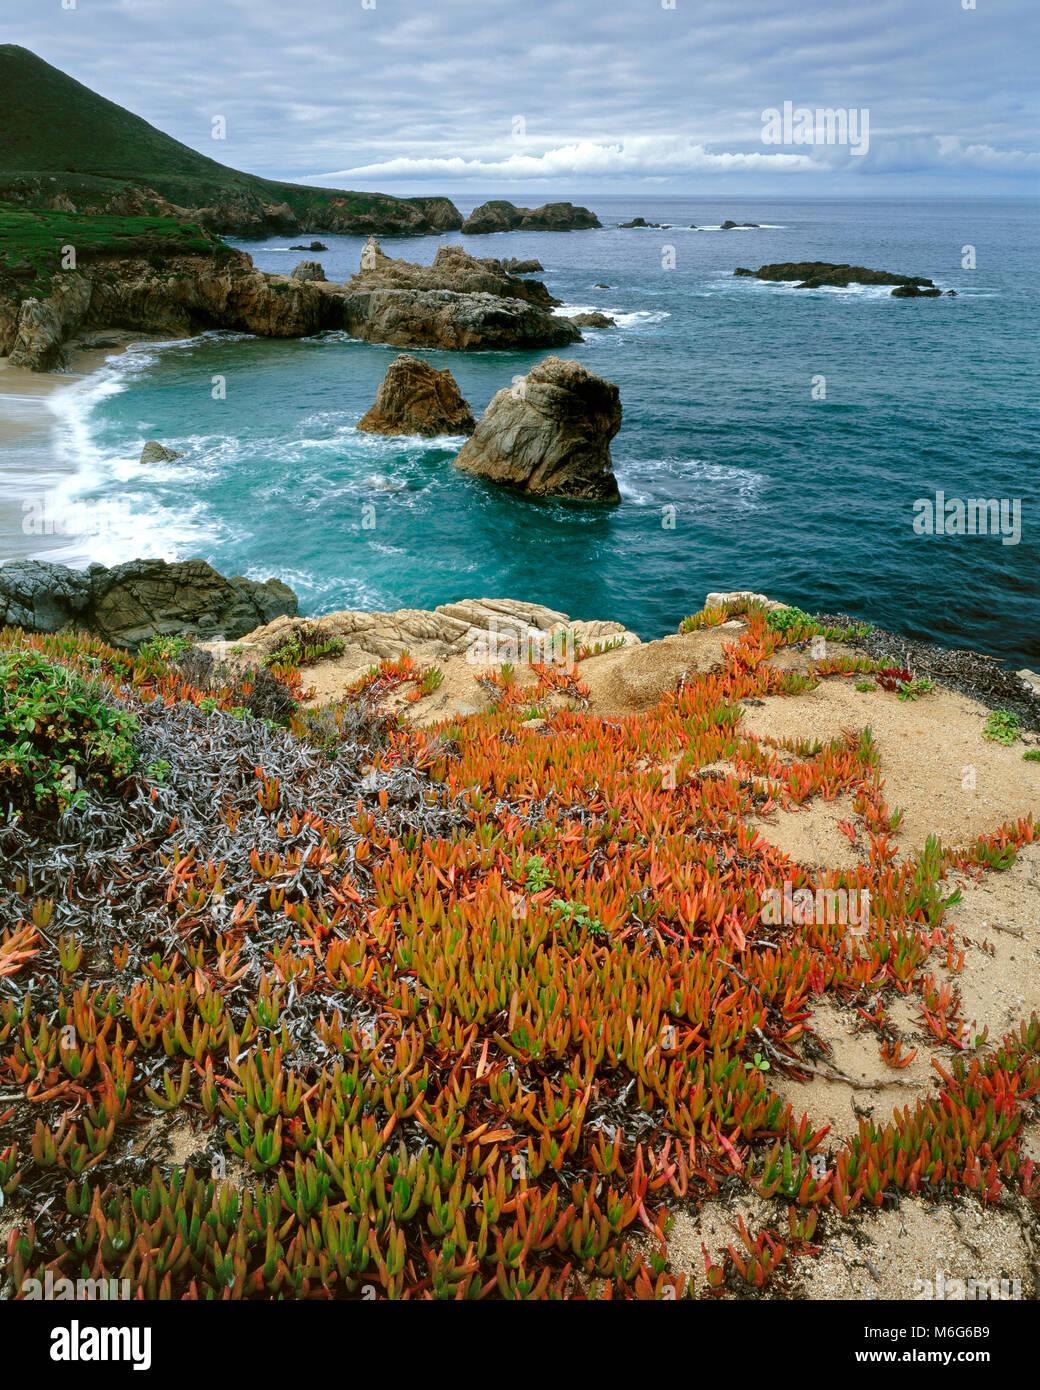 Planta de hielo, Garrapata State Park, Big Sur, el Condado de Monterey, California Imagen De Stock